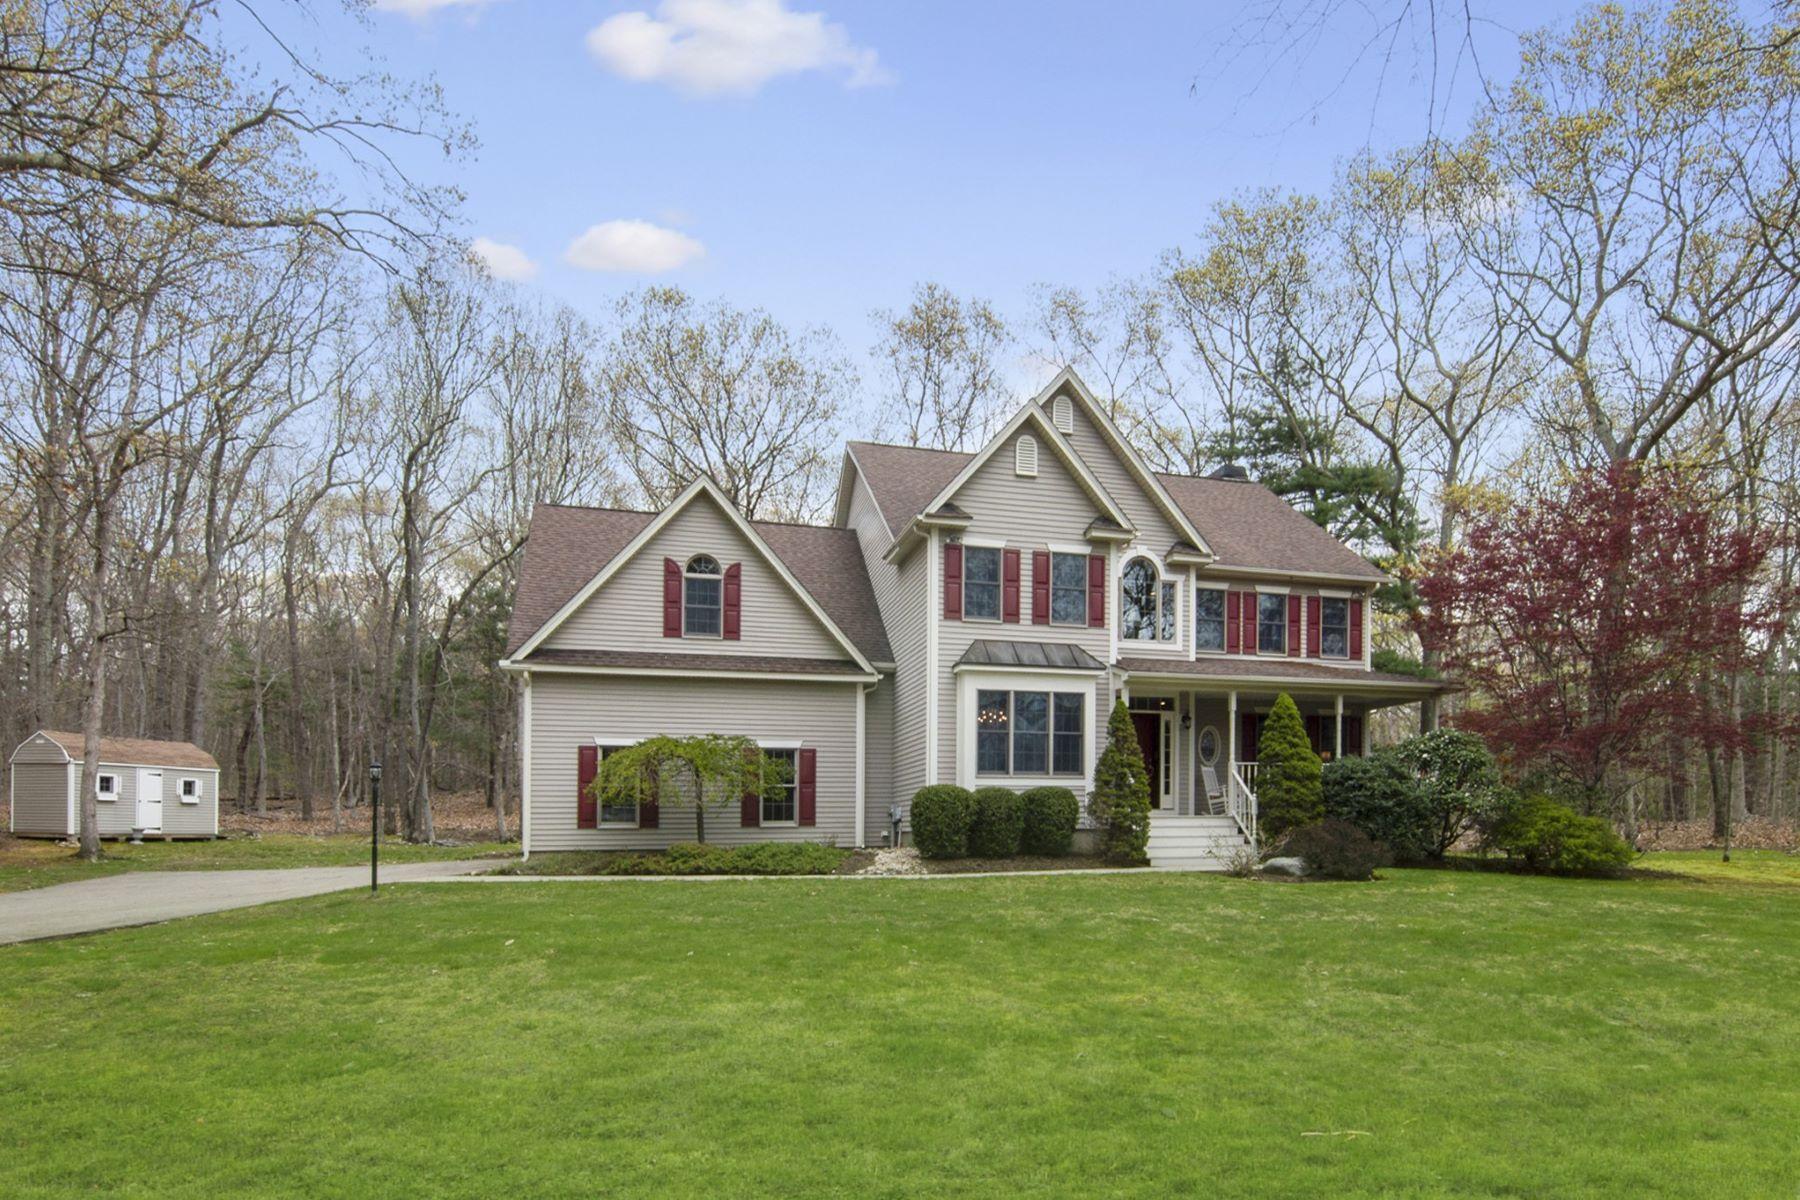 Μονοκατοικία για την Πώληση στο 215 River Farm Dr, East Greenwich, RI East Greenwich, Ροουντ Αϊλαντ 02818 Ηνωμένες Πολιτείες